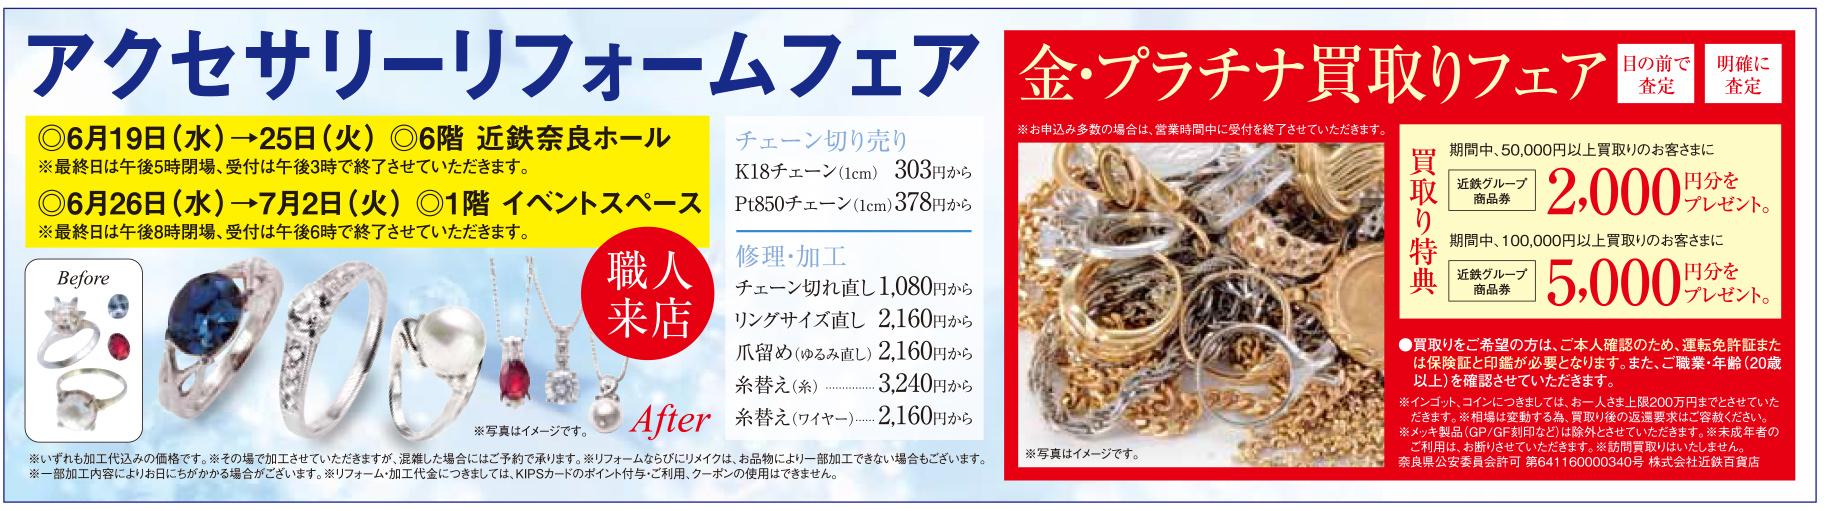 6/19(水)〜25(火)近鉄百貨店奈良店6階ホールアクセサリーリフォームフェア